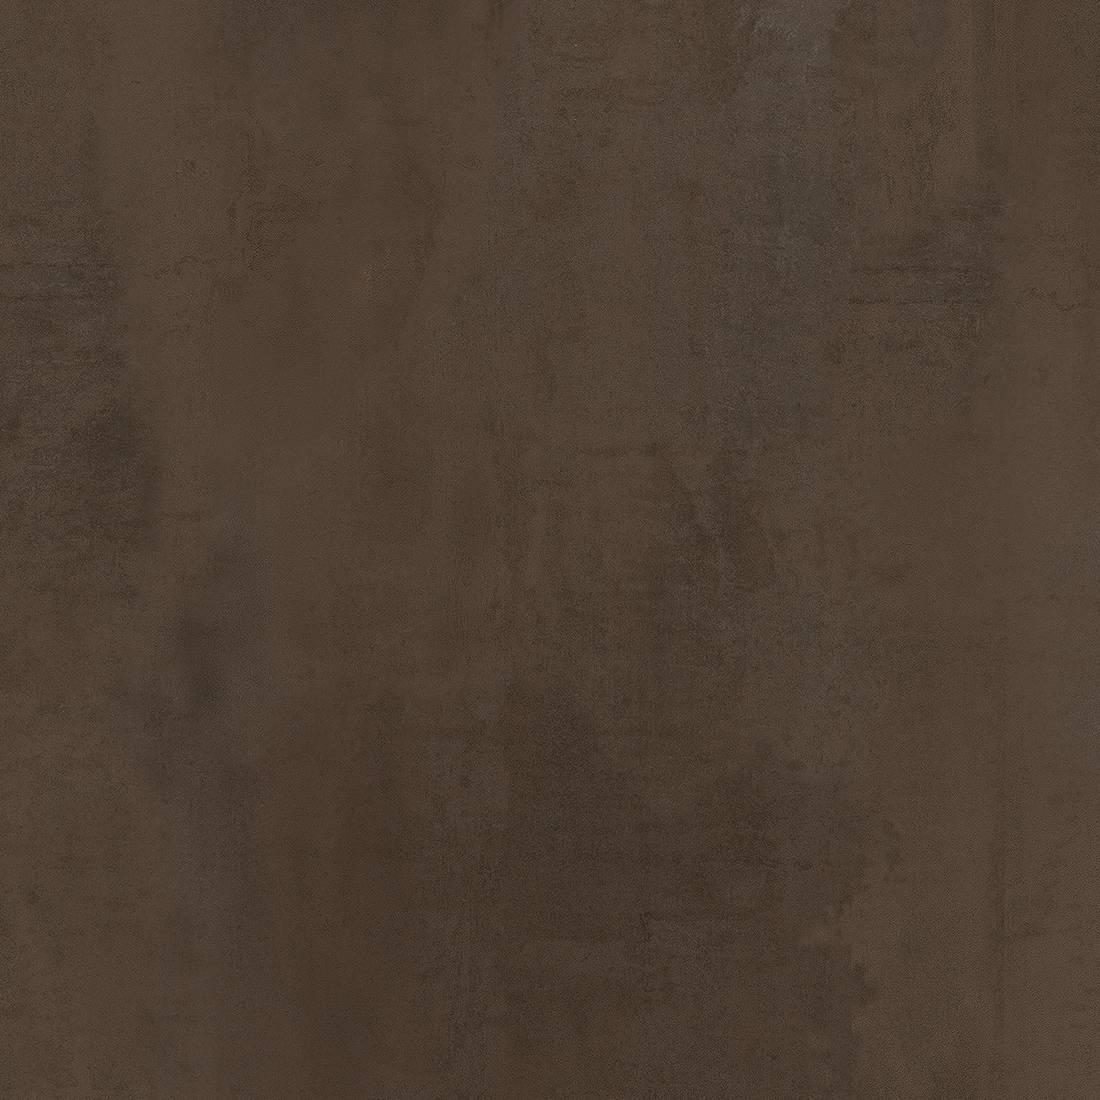 K202 Rusty Steel RS (Worktop HPL мостра)